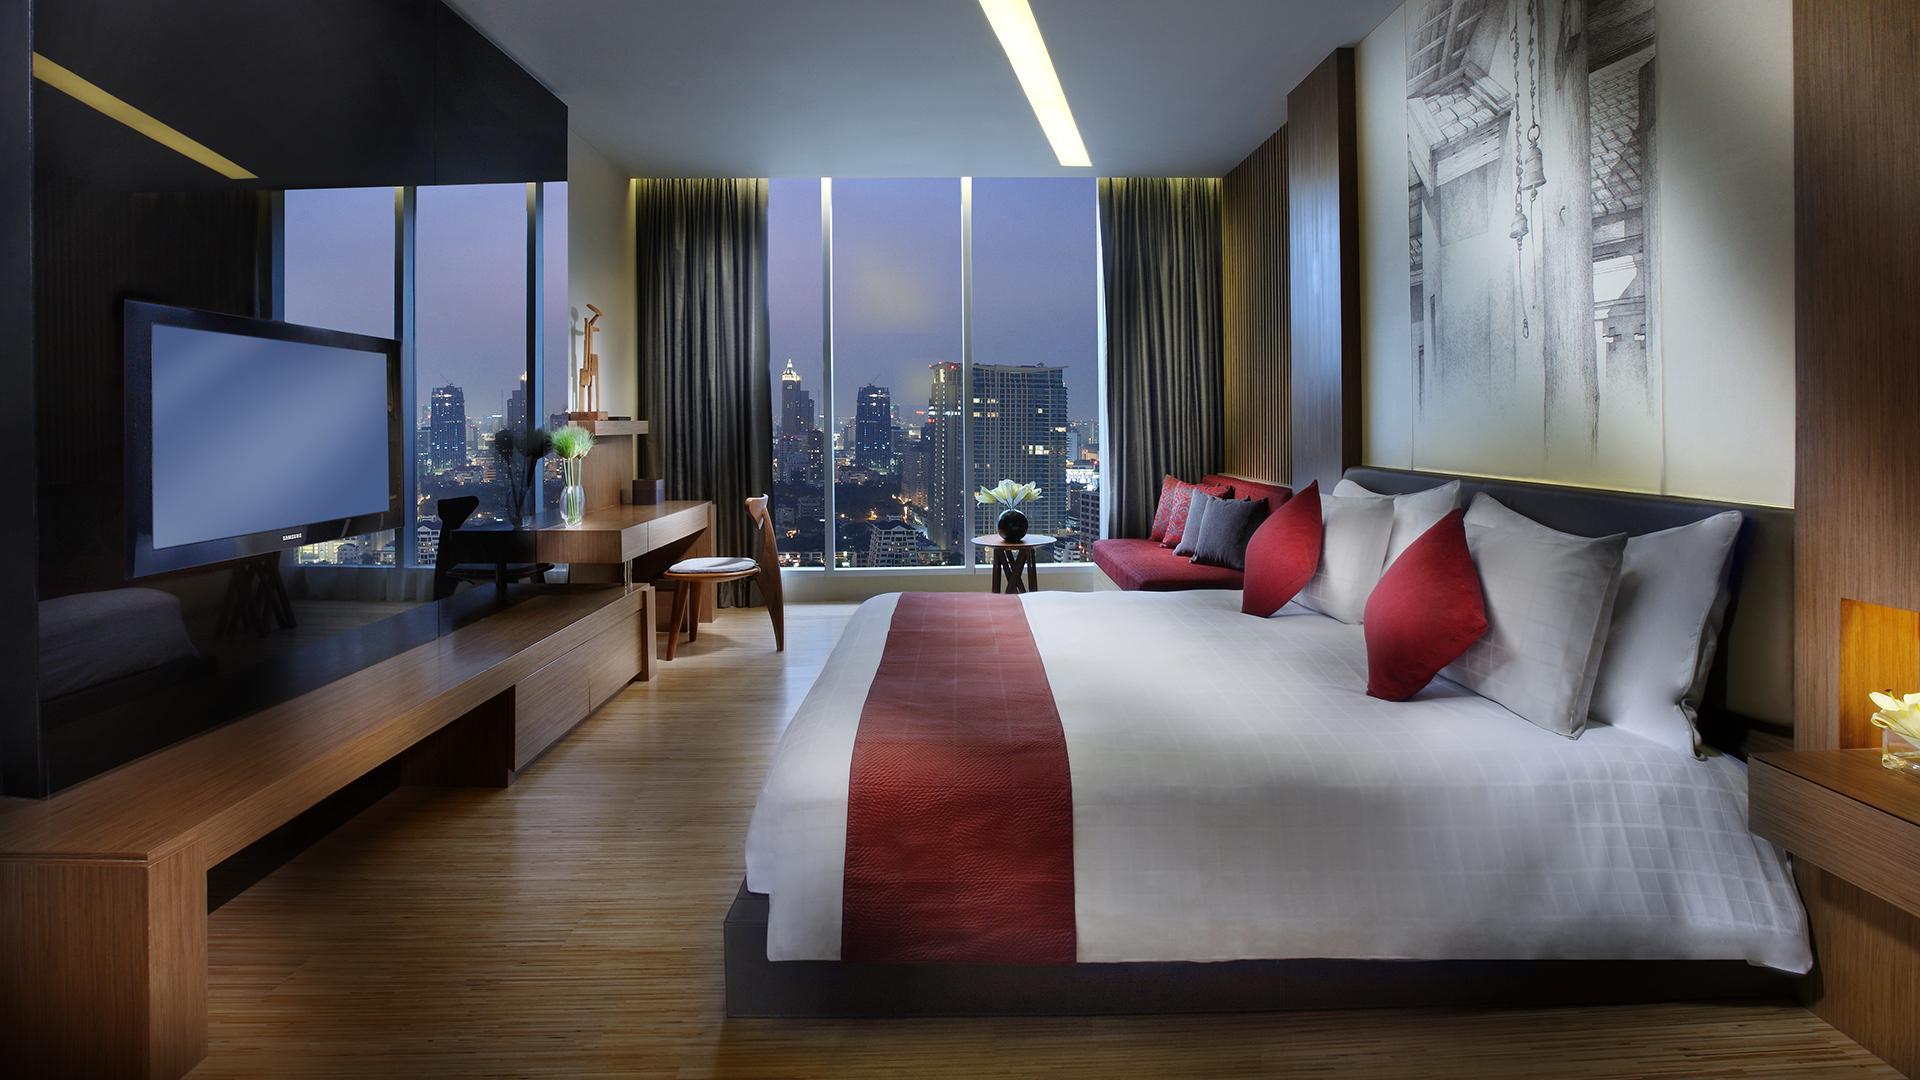 SO Cozy image 1 at SO/ Bangkok by null, Krung Thep Maha Nakhon, Thailand